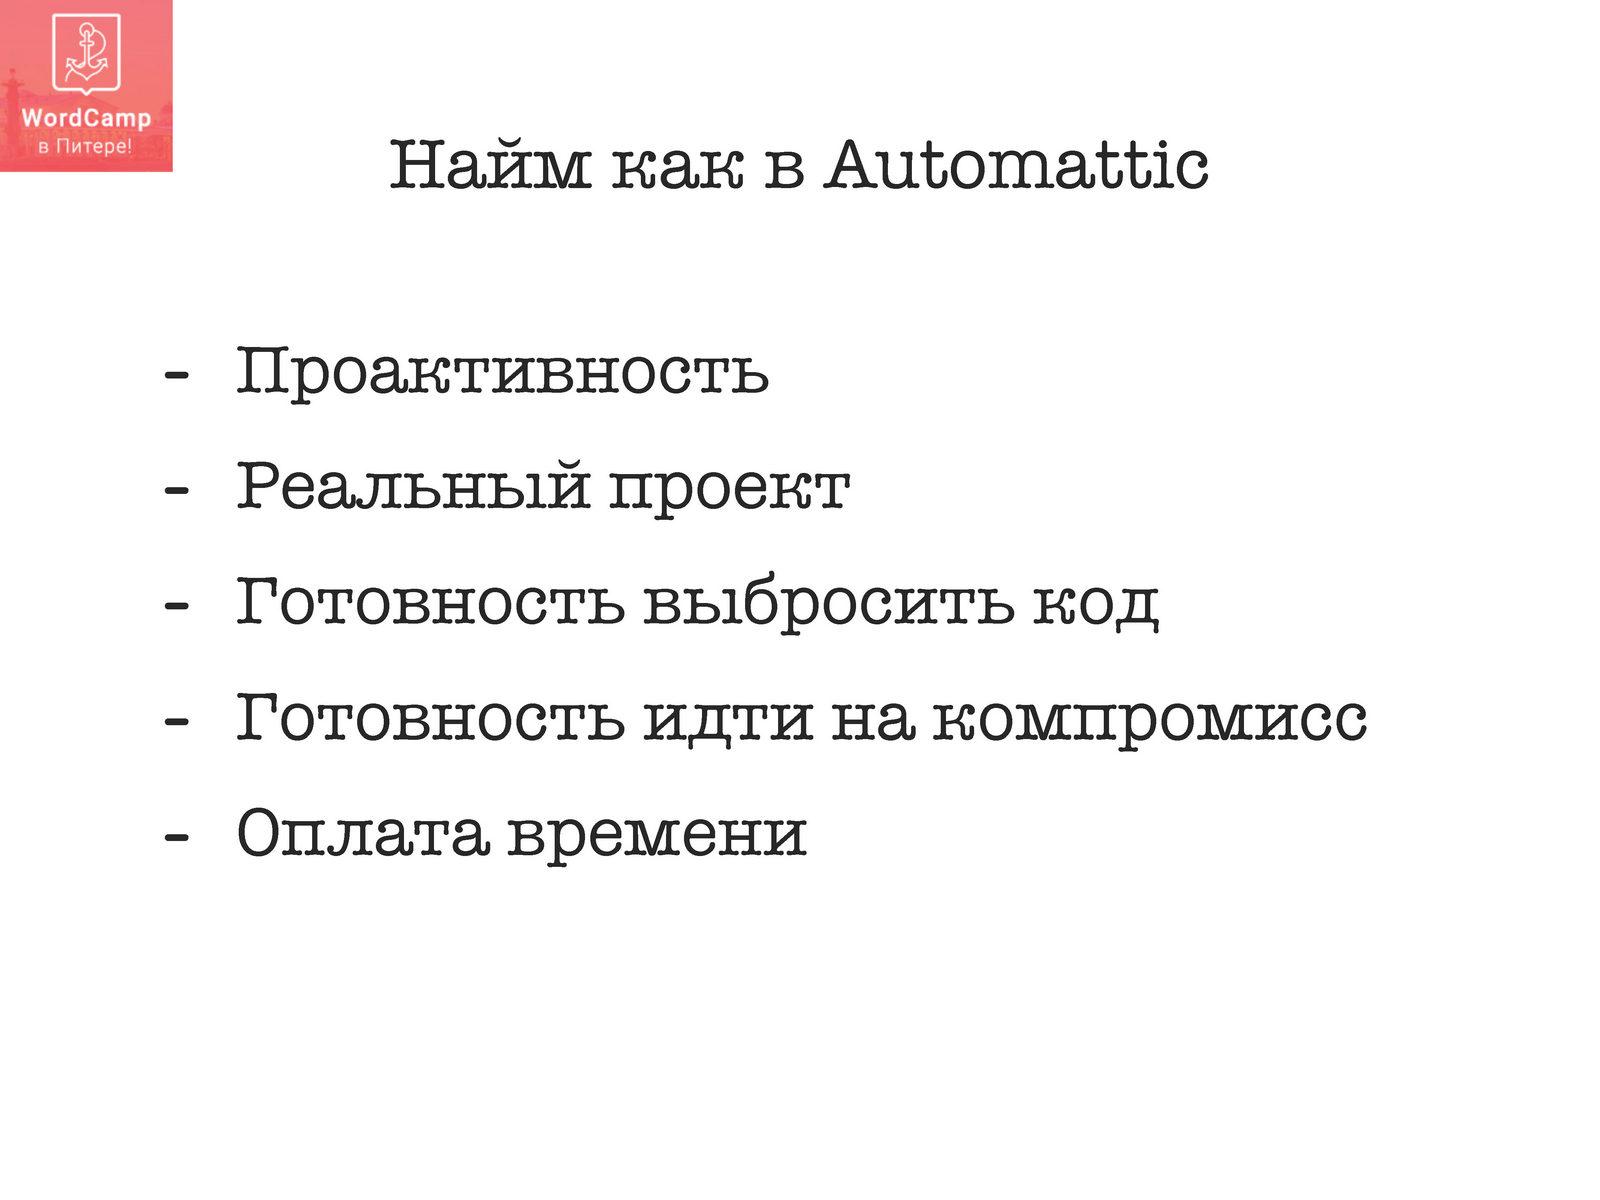 Тимур Гоголев - 100% распределенная компания мифы или реальность_Page_11